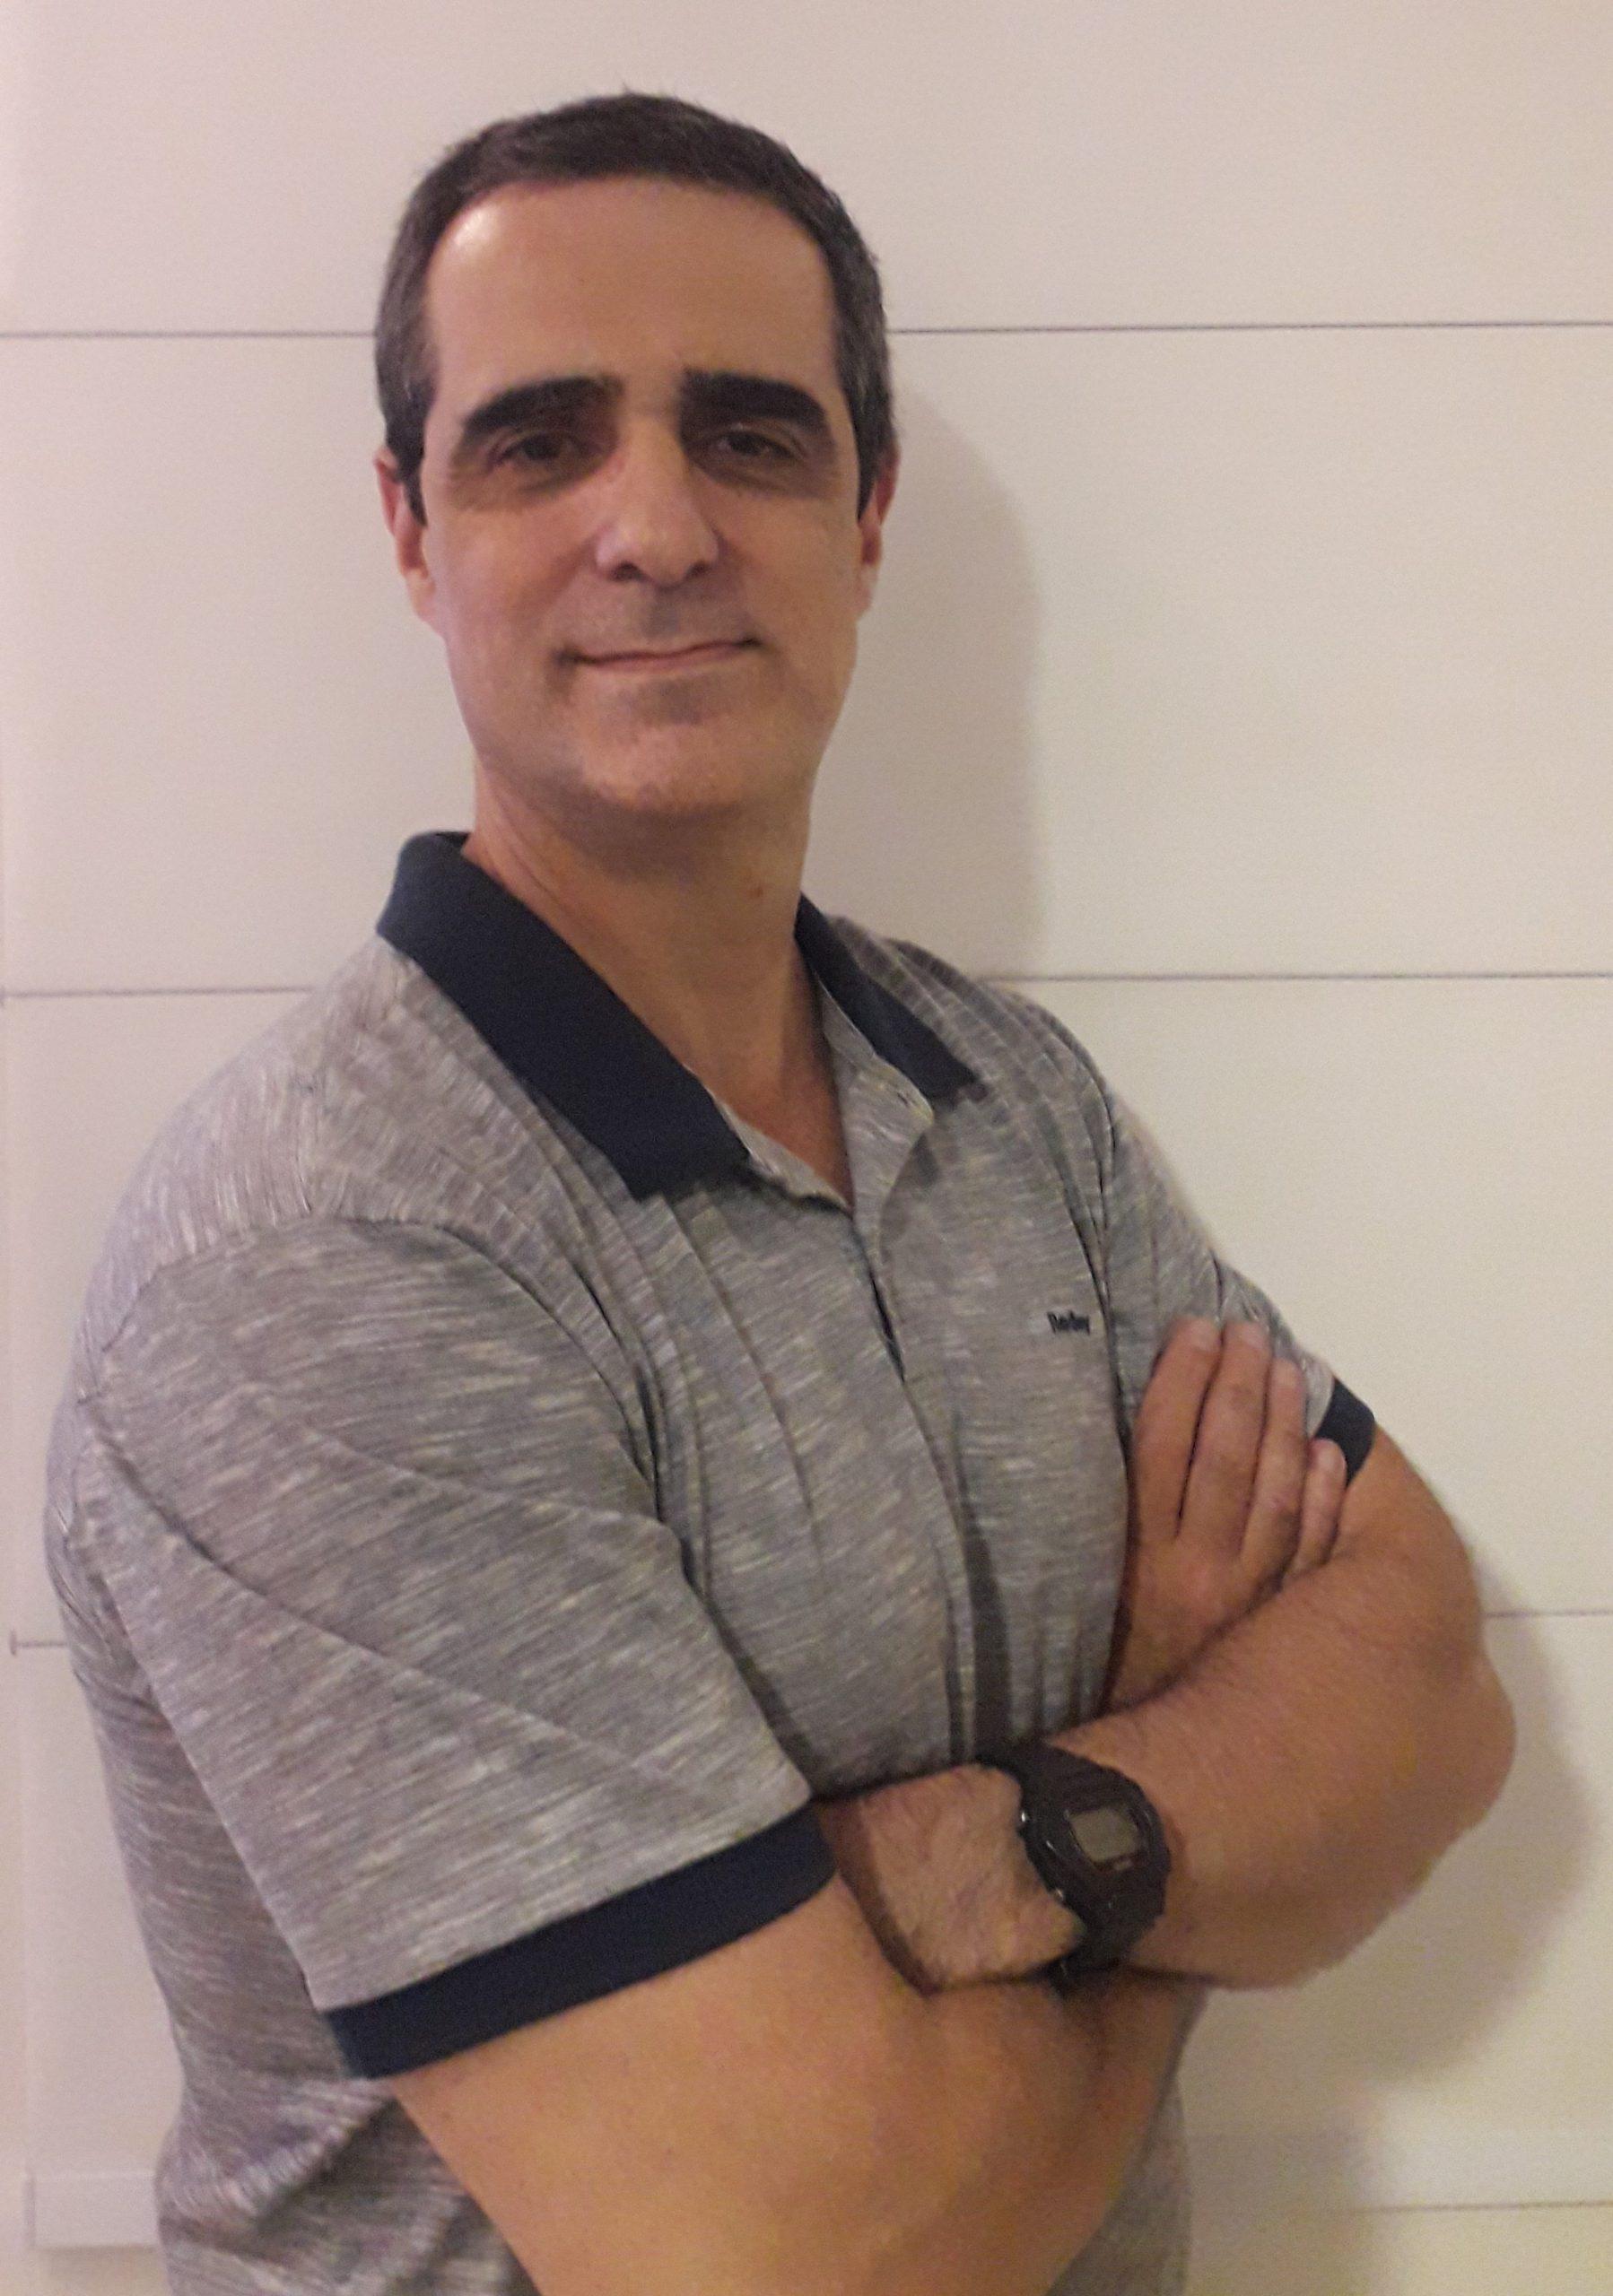 Andre Codea